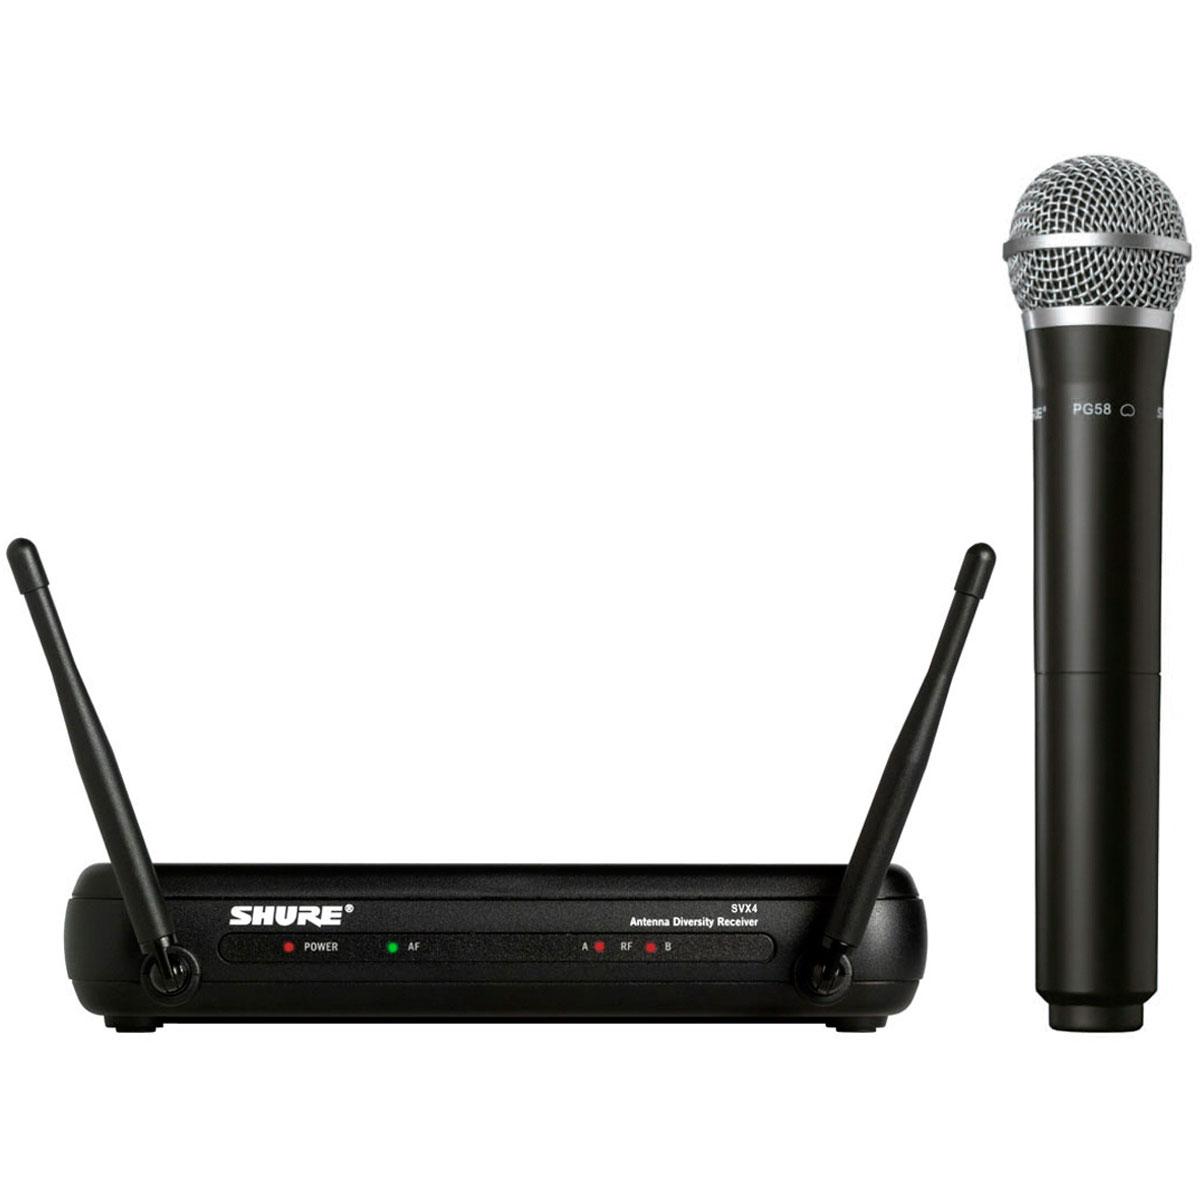 SVX24BRPG58 - Microfone s/ Fio de M�o UHF SVX 24BR PG58 - Shure